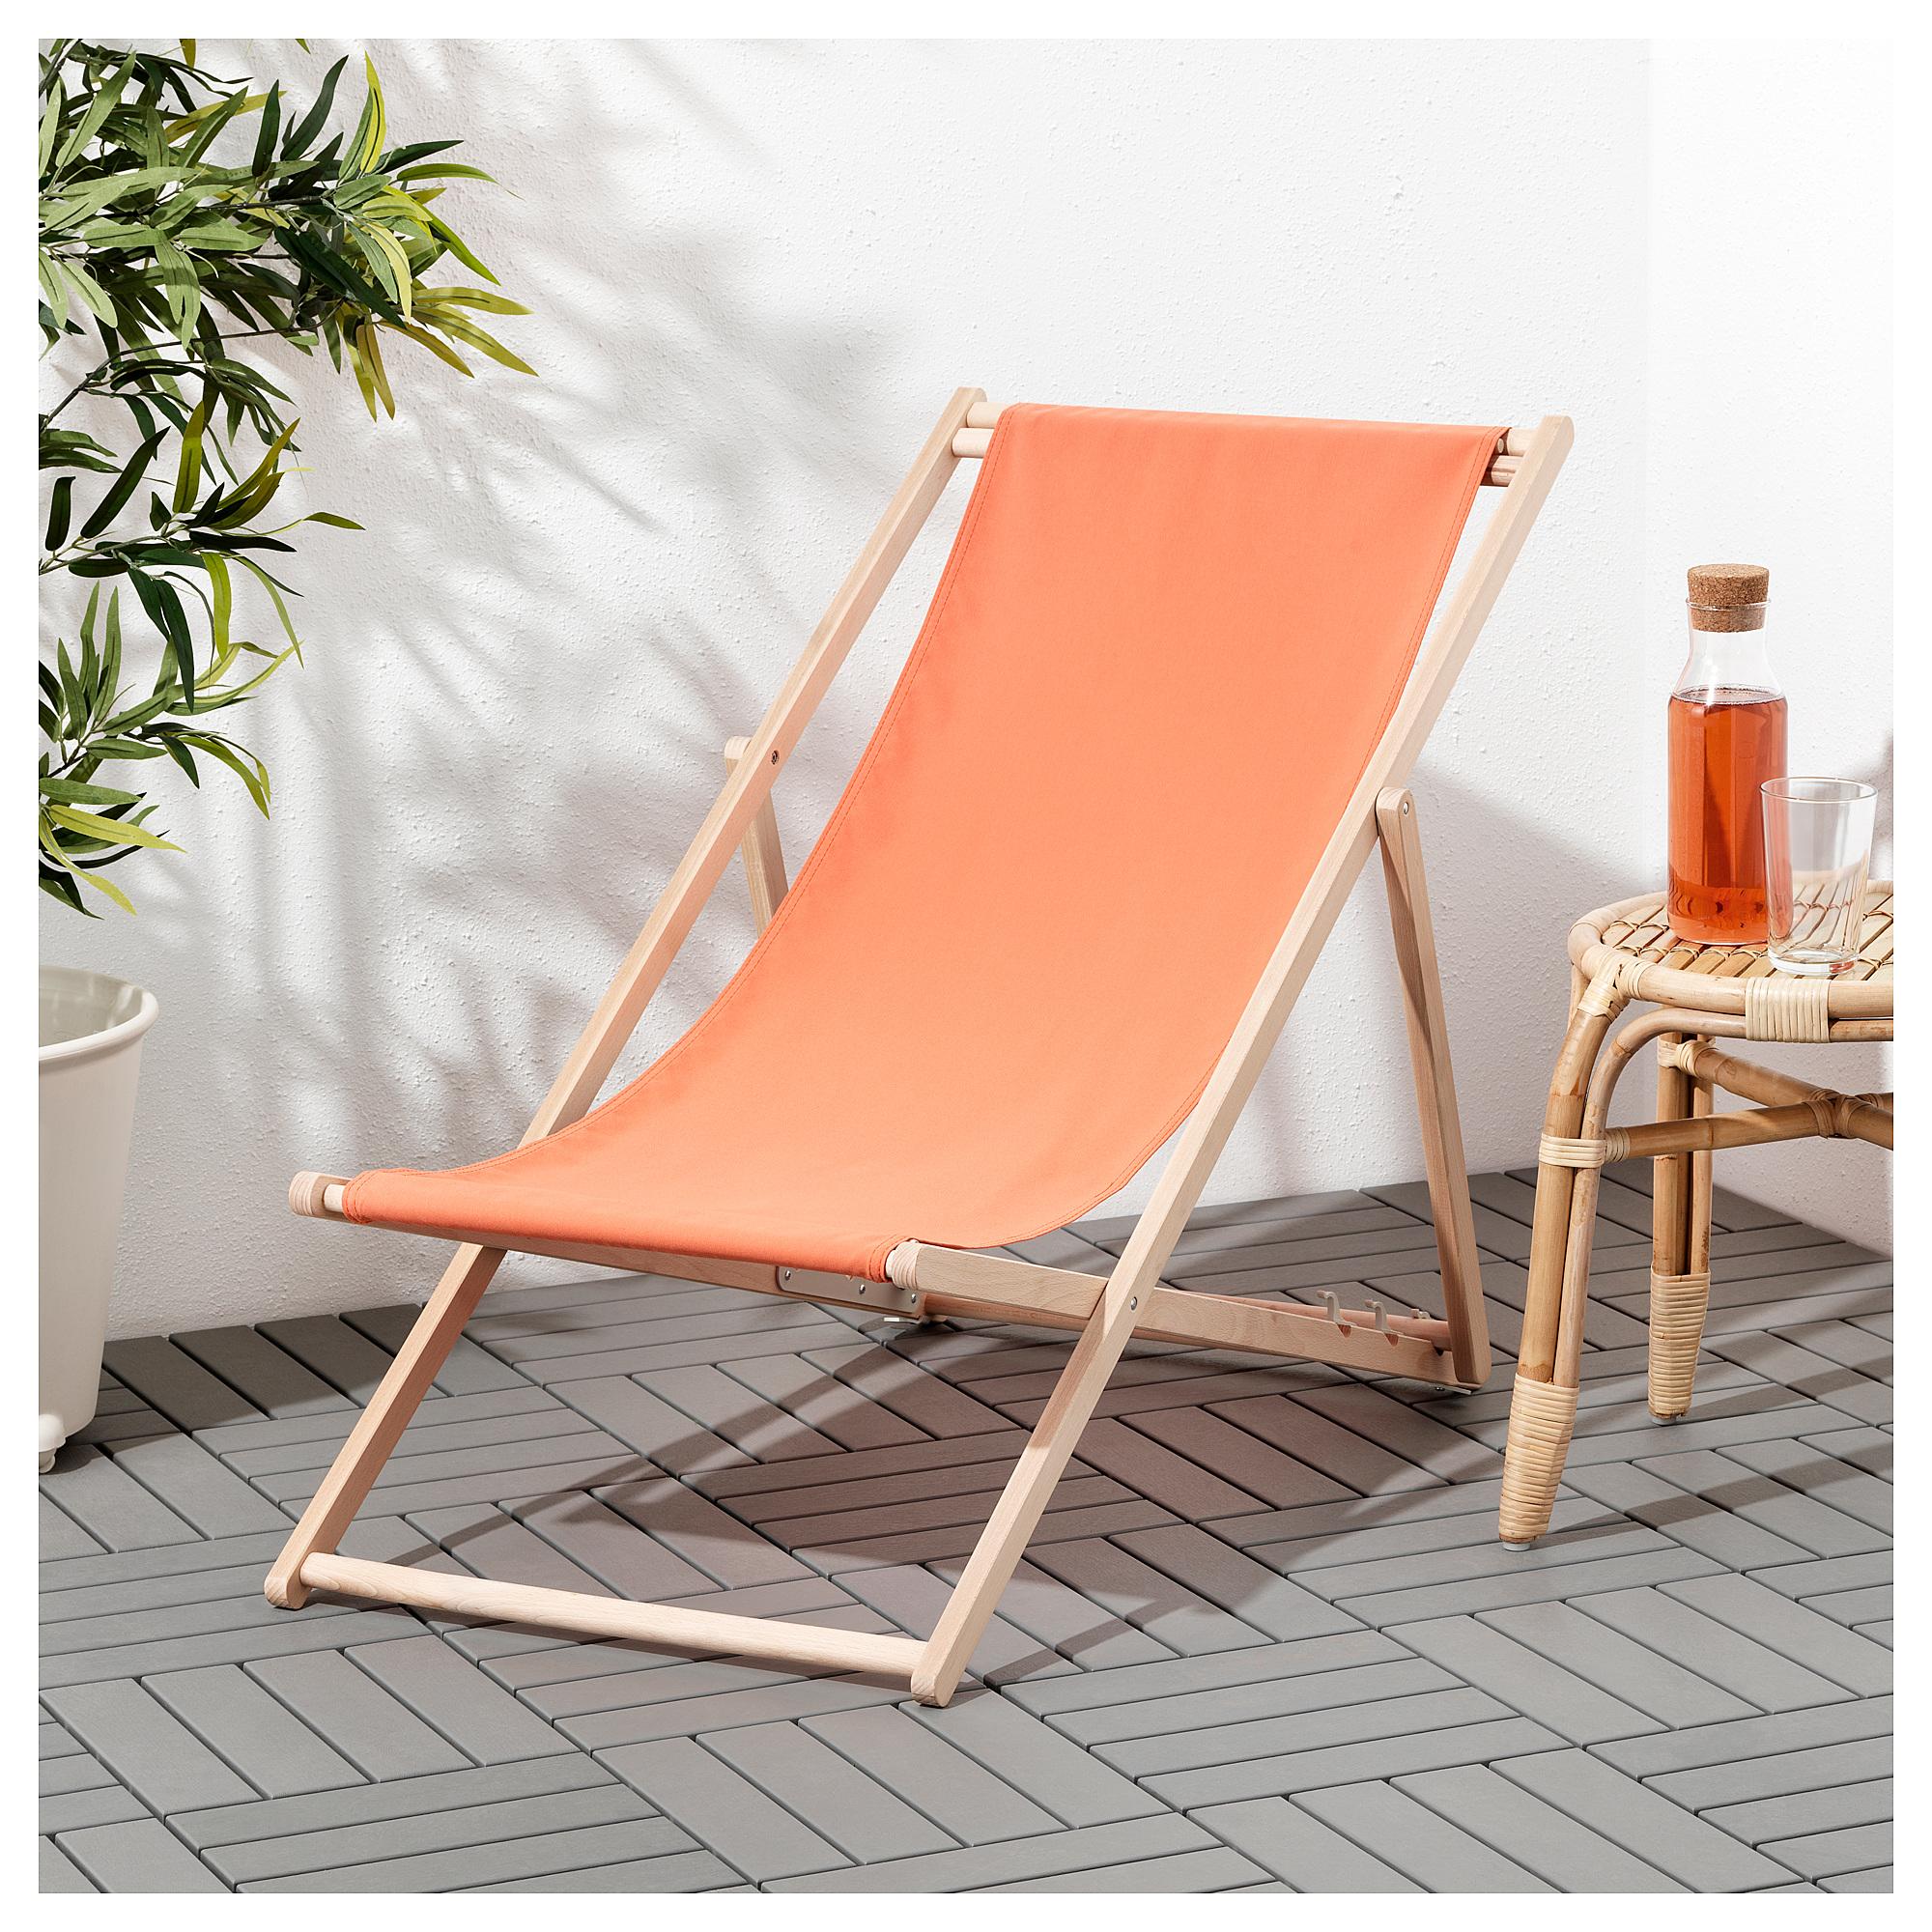 Пляжный стул МЮСИНГСО артикуль № 603.895.21 в наличии. Интернет сайт ИКЕА РБ. Недорогая доставка и установка.